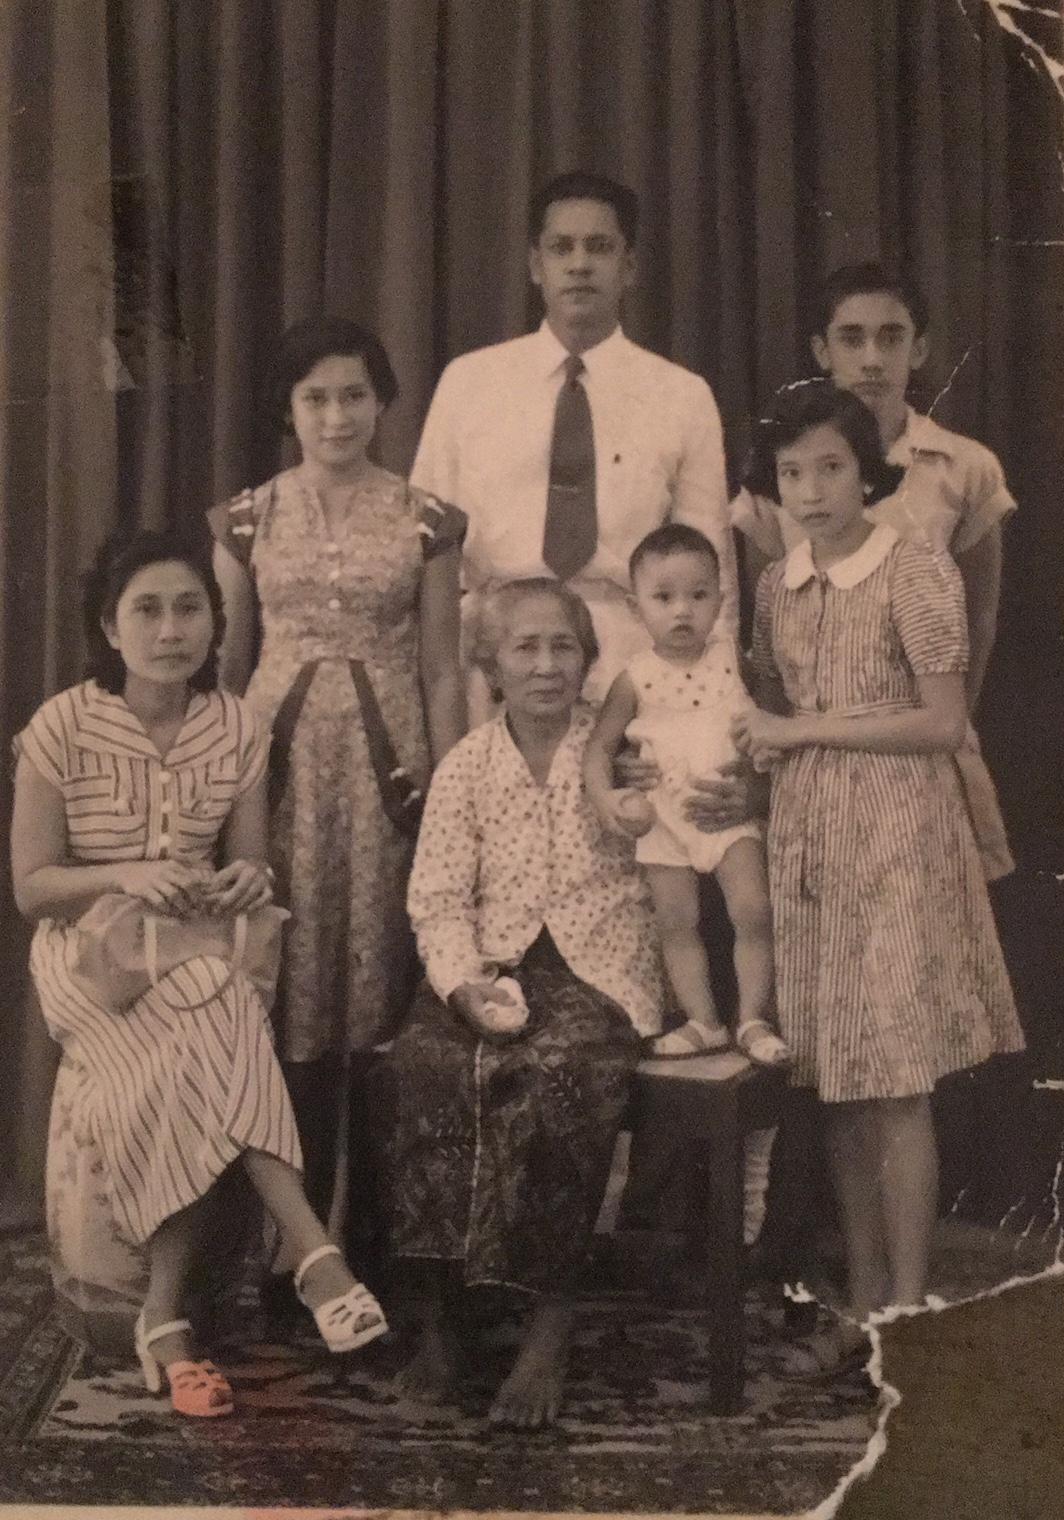 Midden achter: vader George Hehl, zittende aan de linkerkant: Josephine Leonie.Grootmoeder in sarong en kebaja met haar kleinkinderen Johannes Hehl en naast vader Robert Hehl. Links naast vader: Martha Mathilde, en nicht Maudy Pottier.